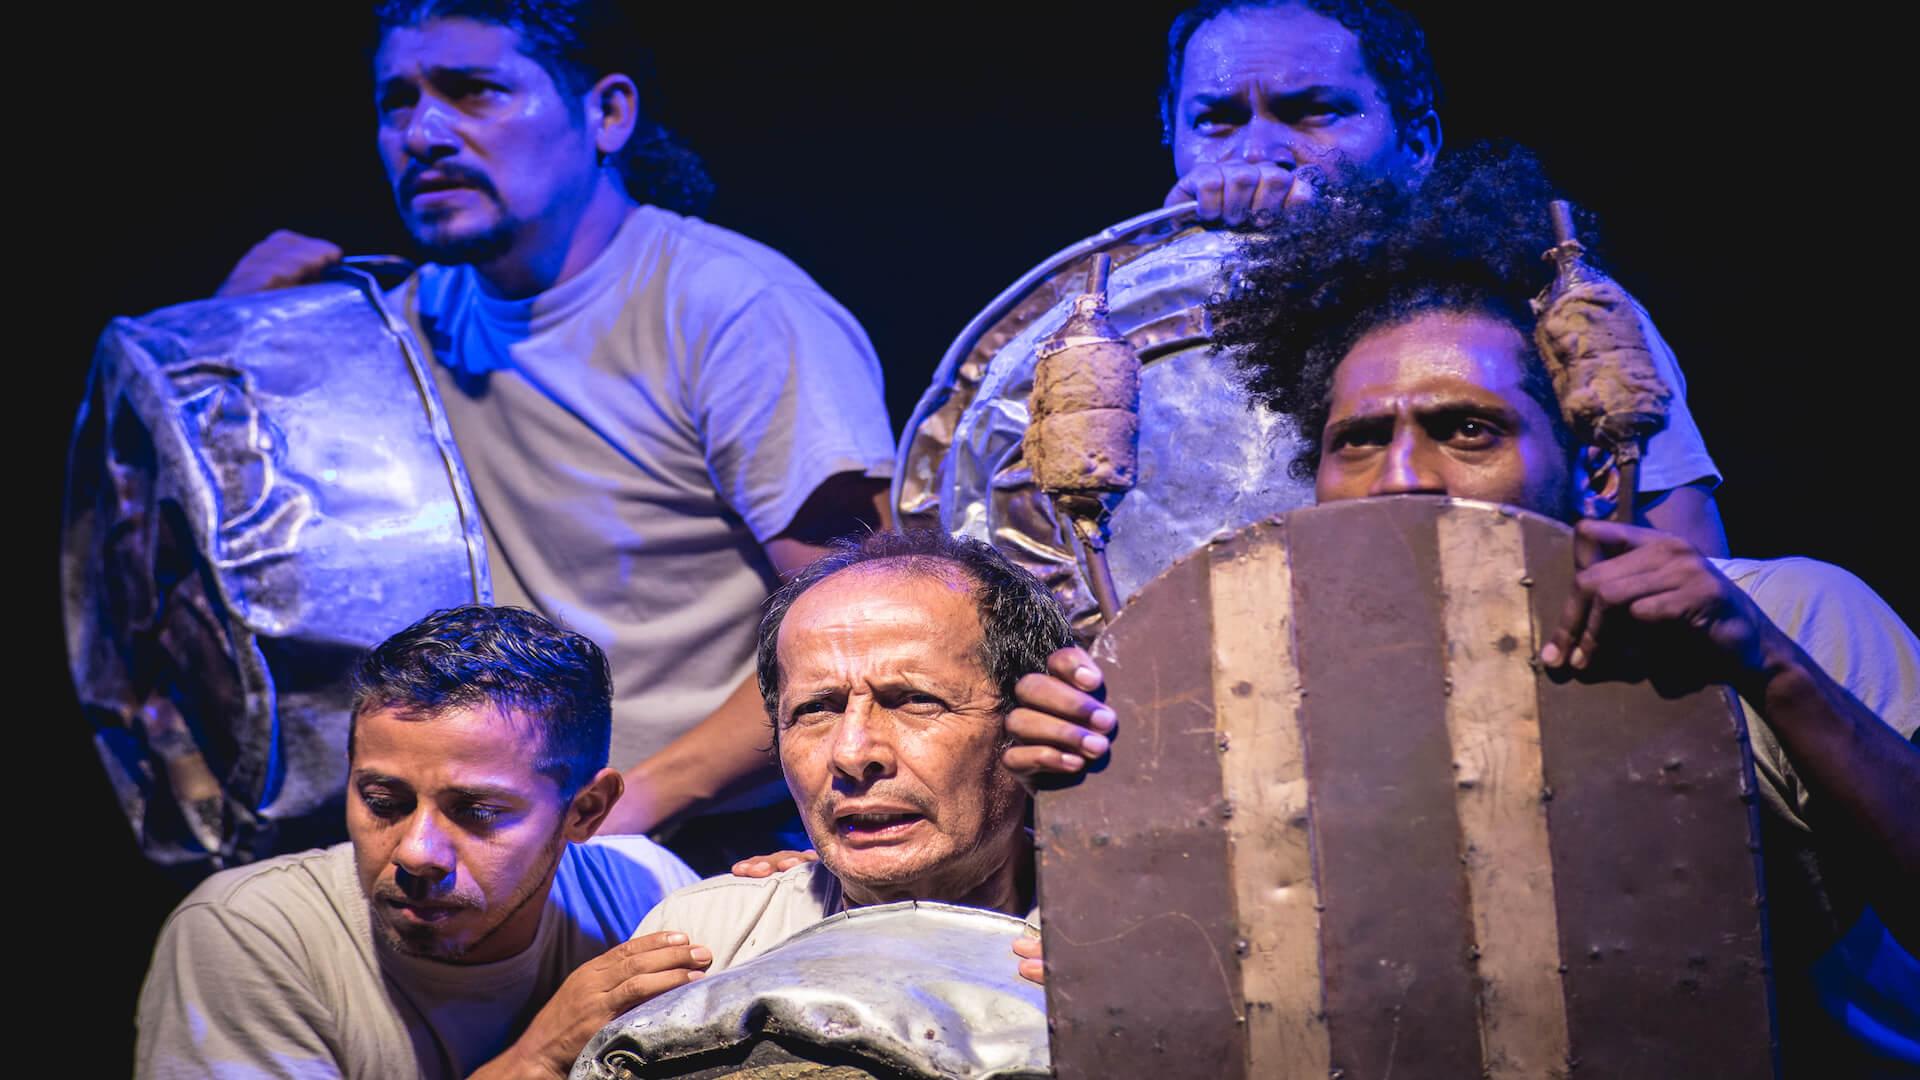 Los siete contra Tebas - 3 mayo 2019 - Fotos Leonardo Linares-19